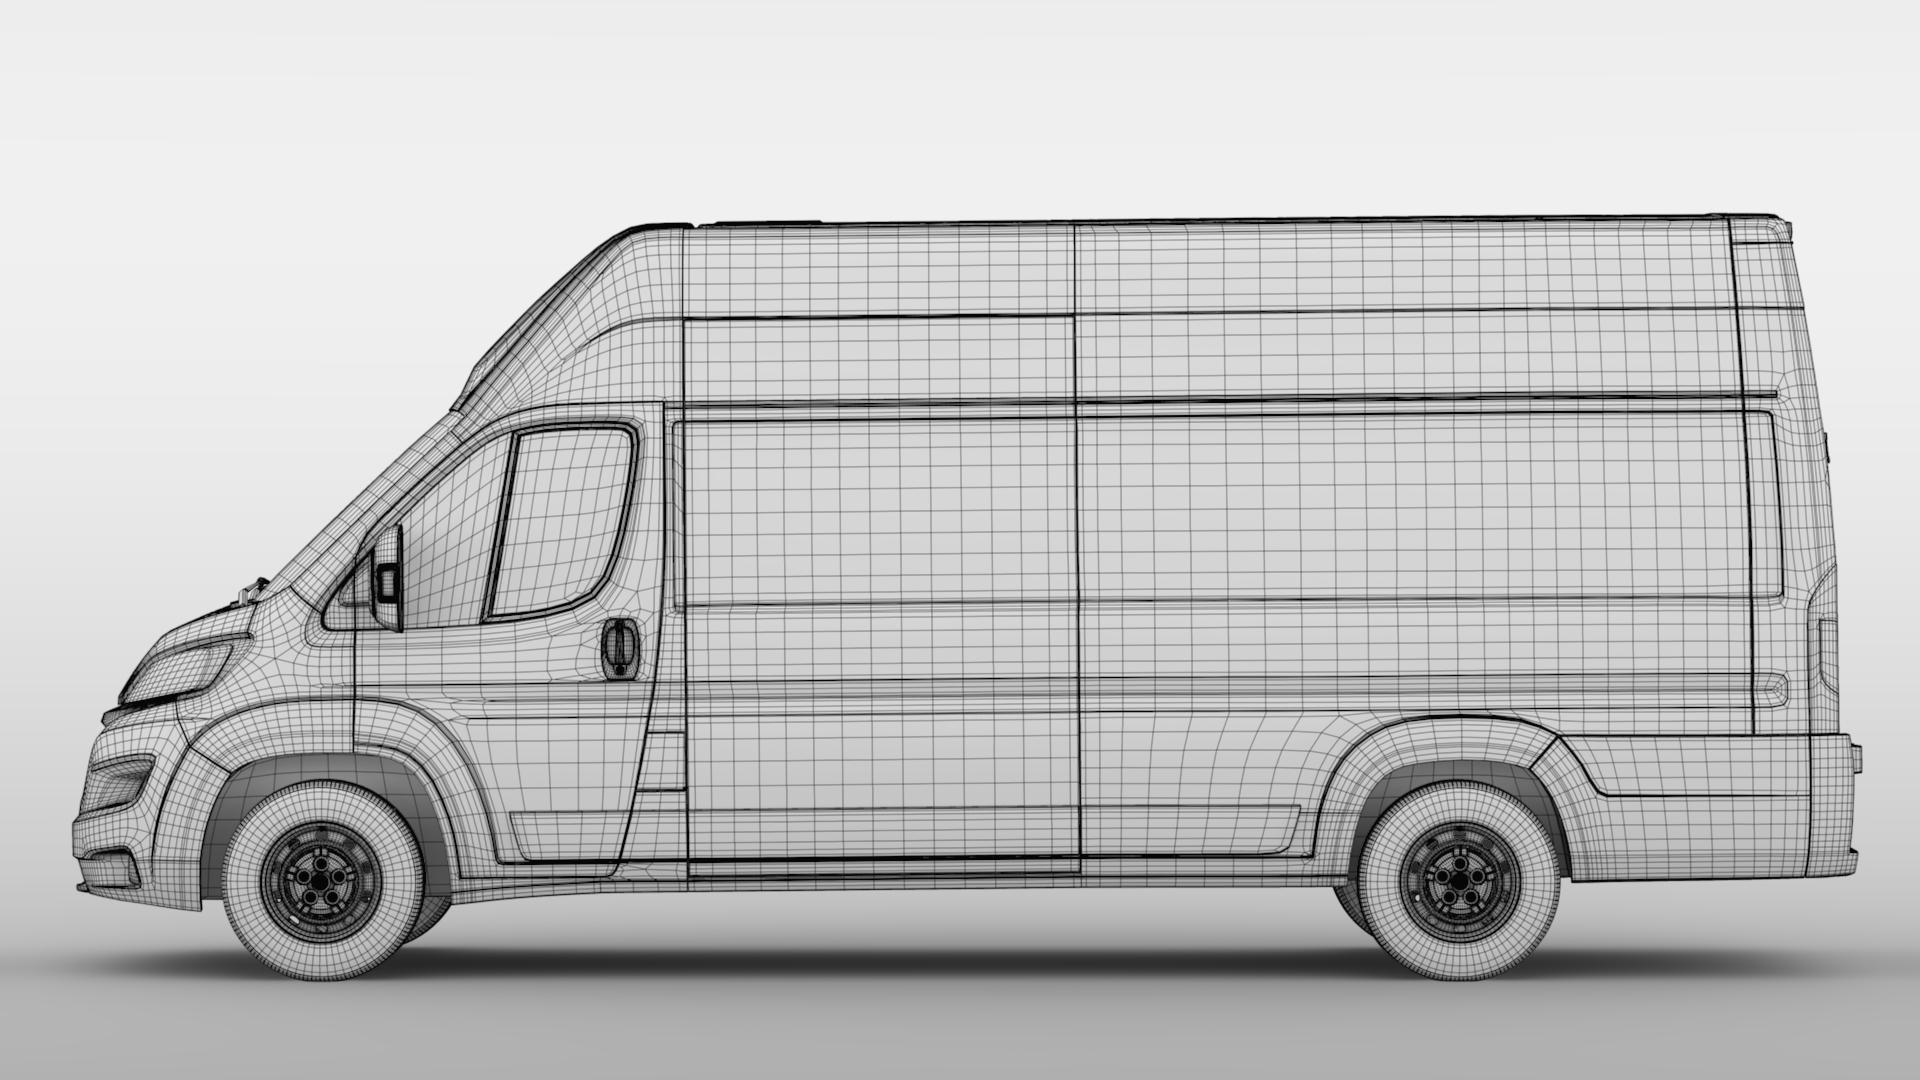 fiat ducato van l4h3 2017 3d model. Black Bedroom Furniture Sets. Home Design Ideas